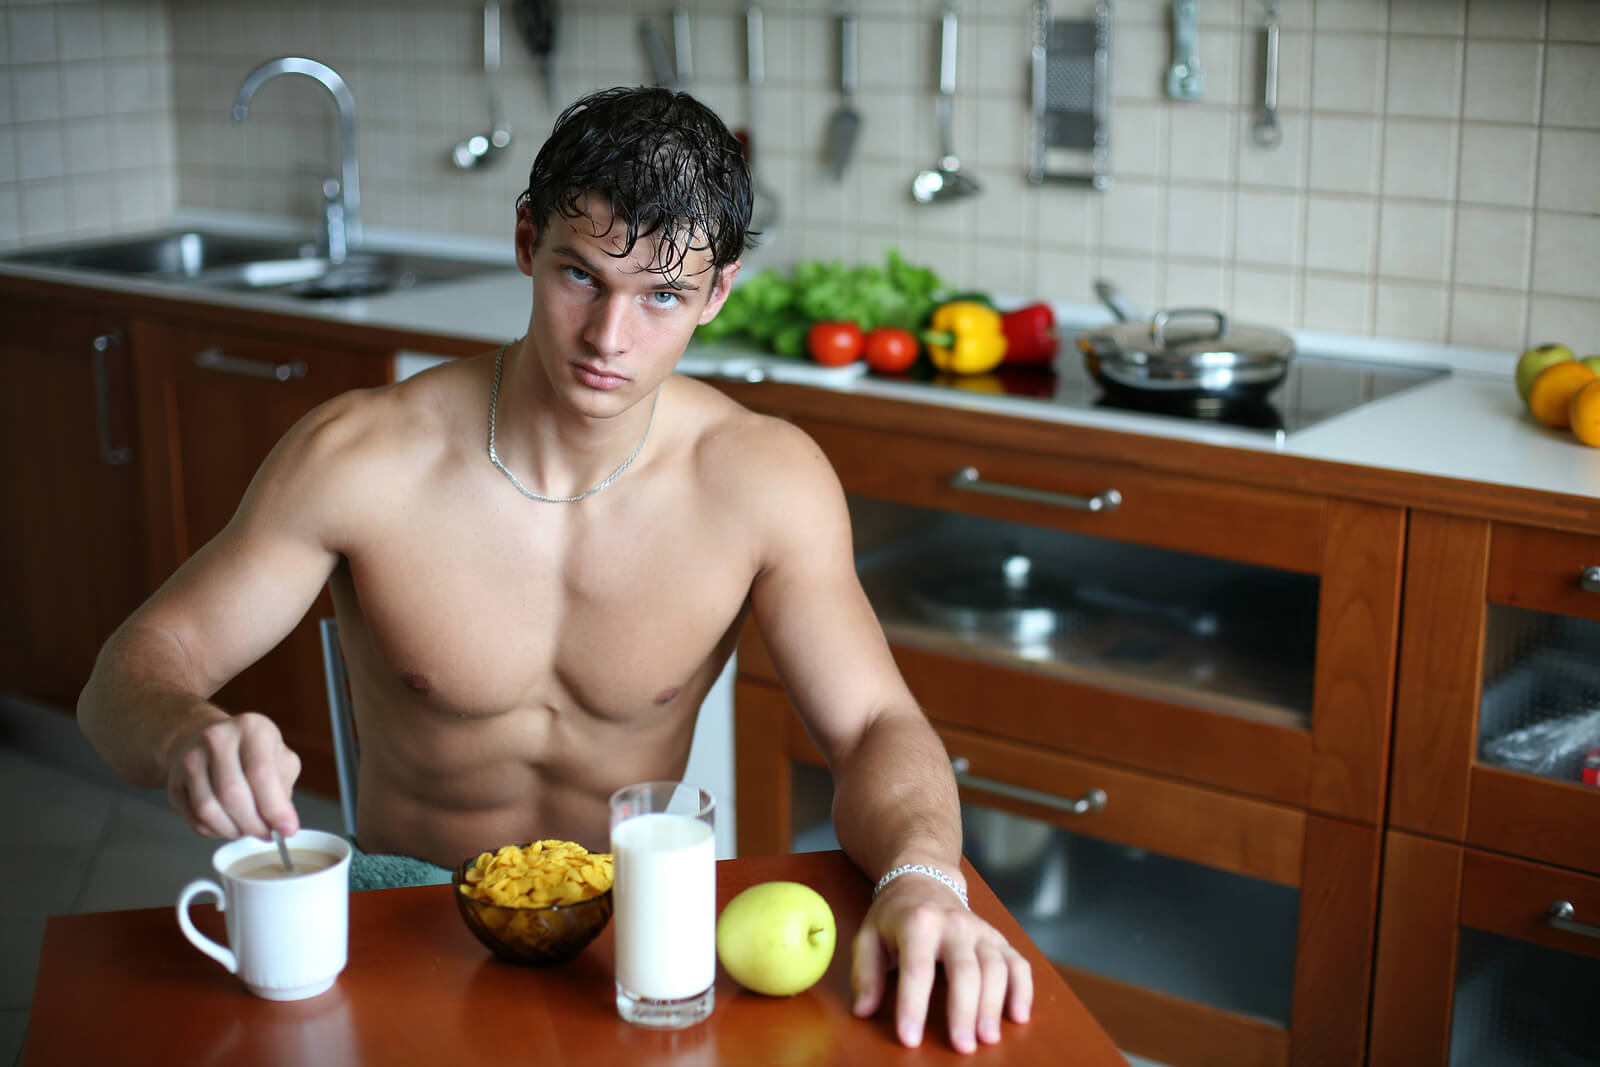 Галерея кухни фото мужик 10